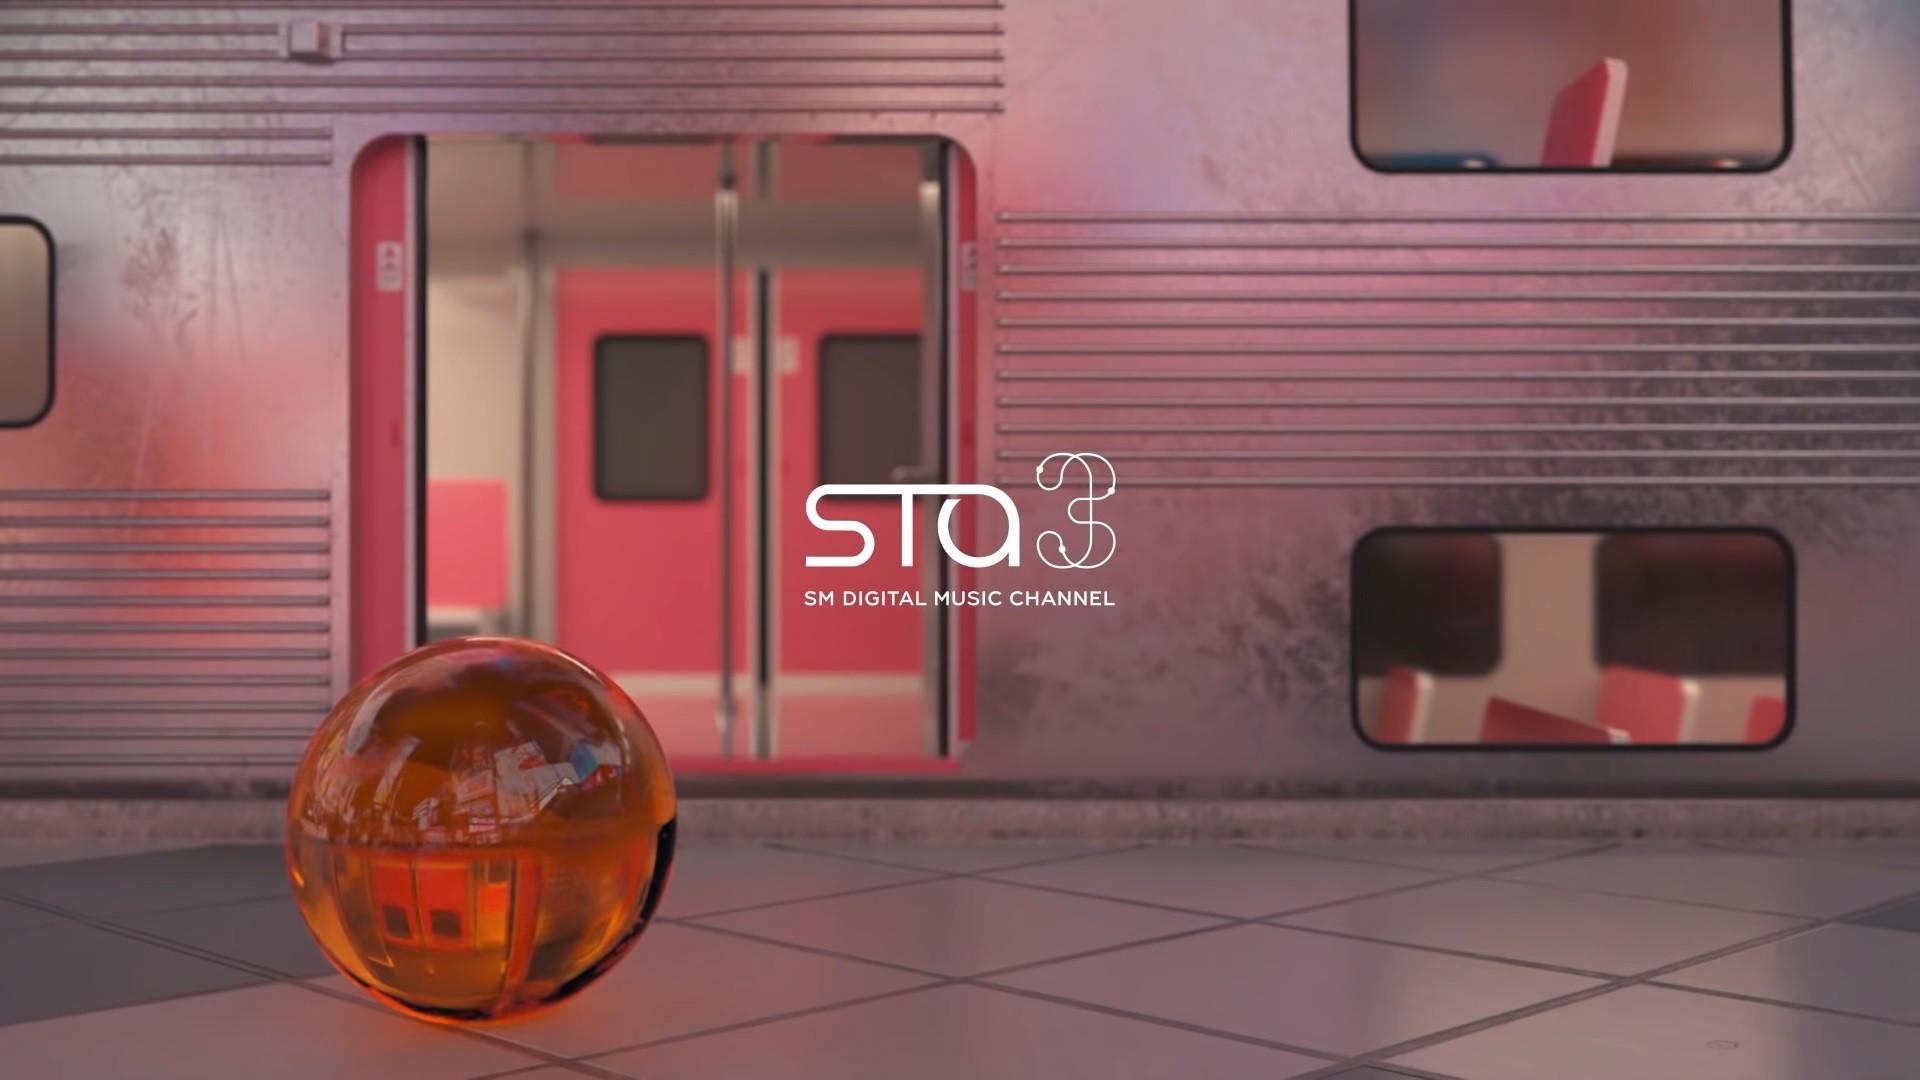 音樂企劃「STATION」會請到各種不同領域的歌手、製作人、作曲家一起發行合作曲,而一直以來受到樂迷們的喜愛。